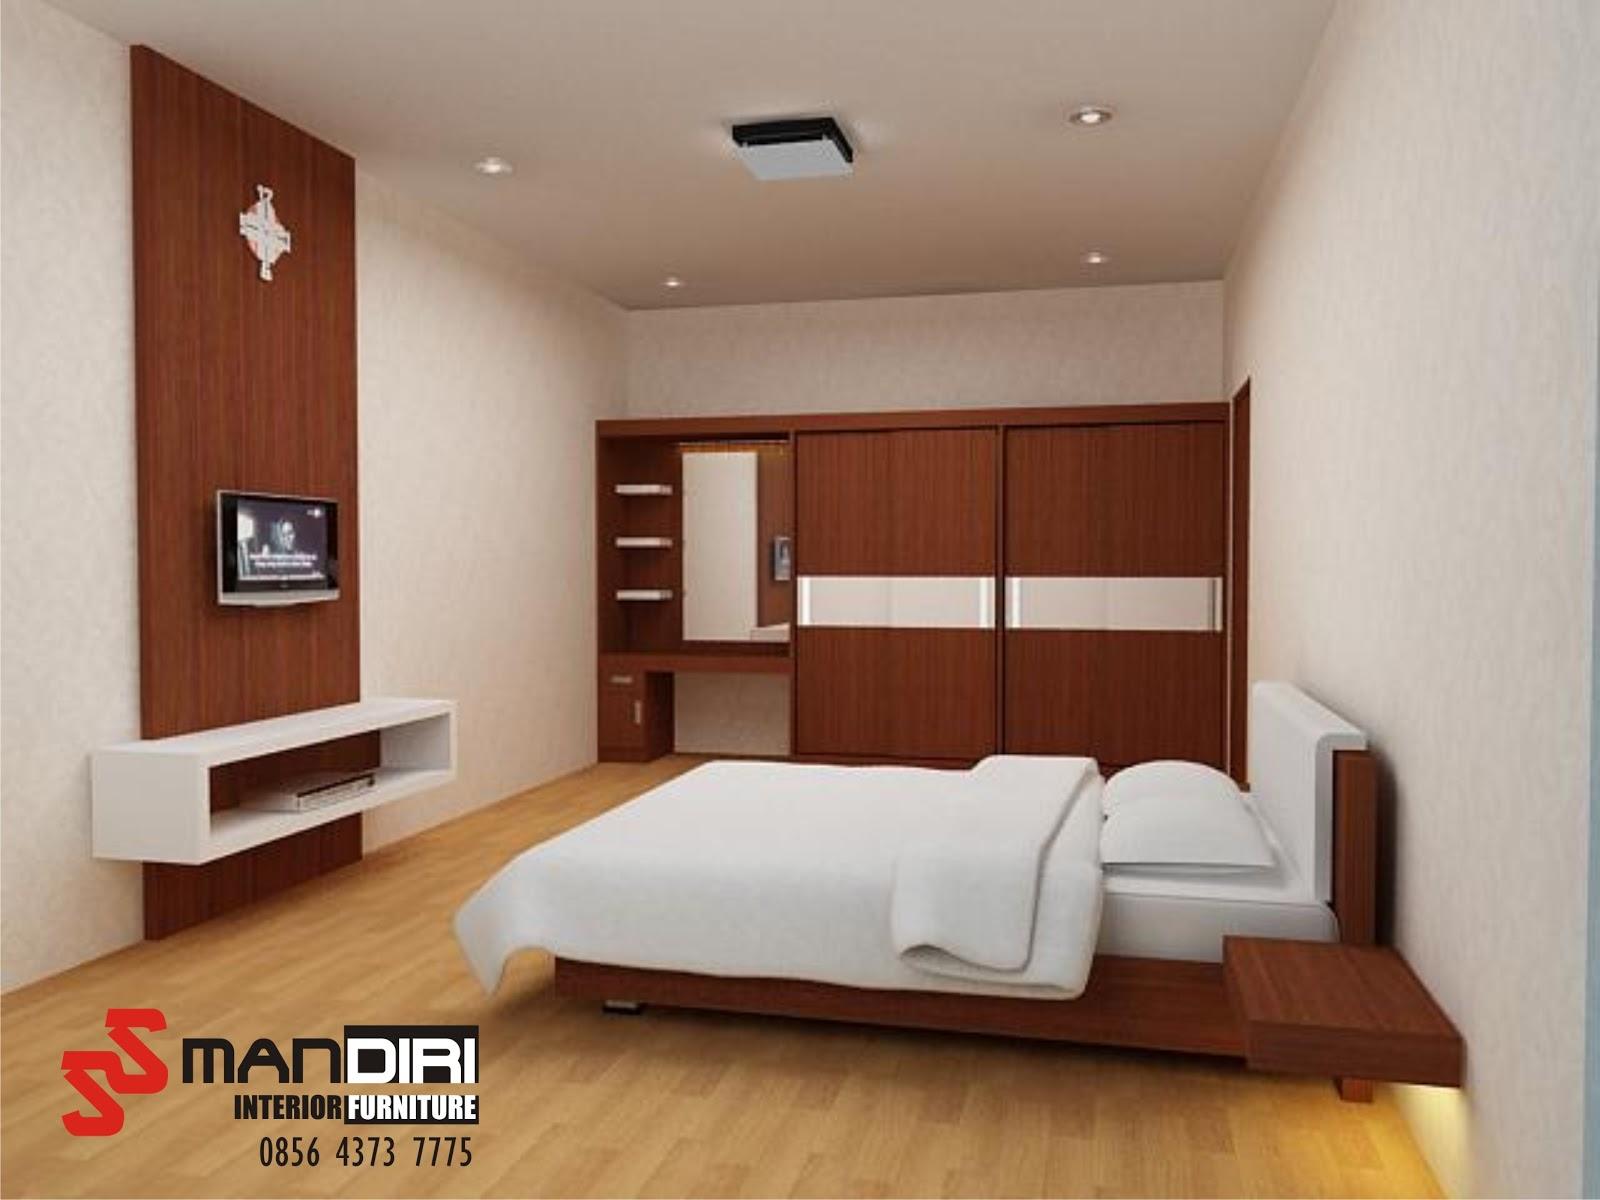 Desain Interior Apartemen 2 Kamar Tidur Apartment Design Ideas